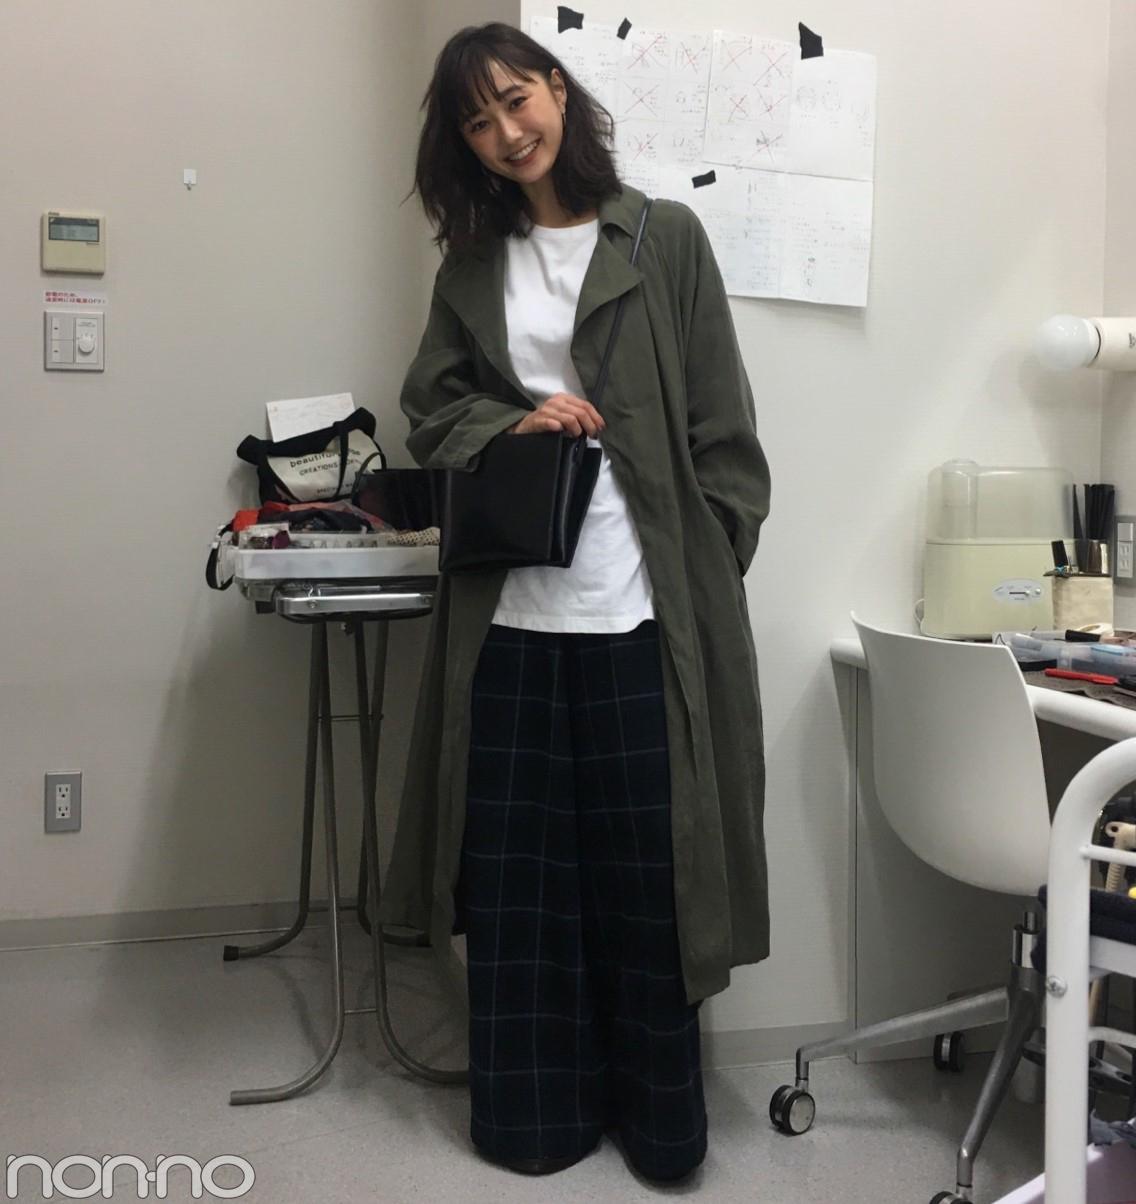 鈴木友菜はチェルシーのコートで秋色ゆるコーデ♡【モデルの私服】_1_1